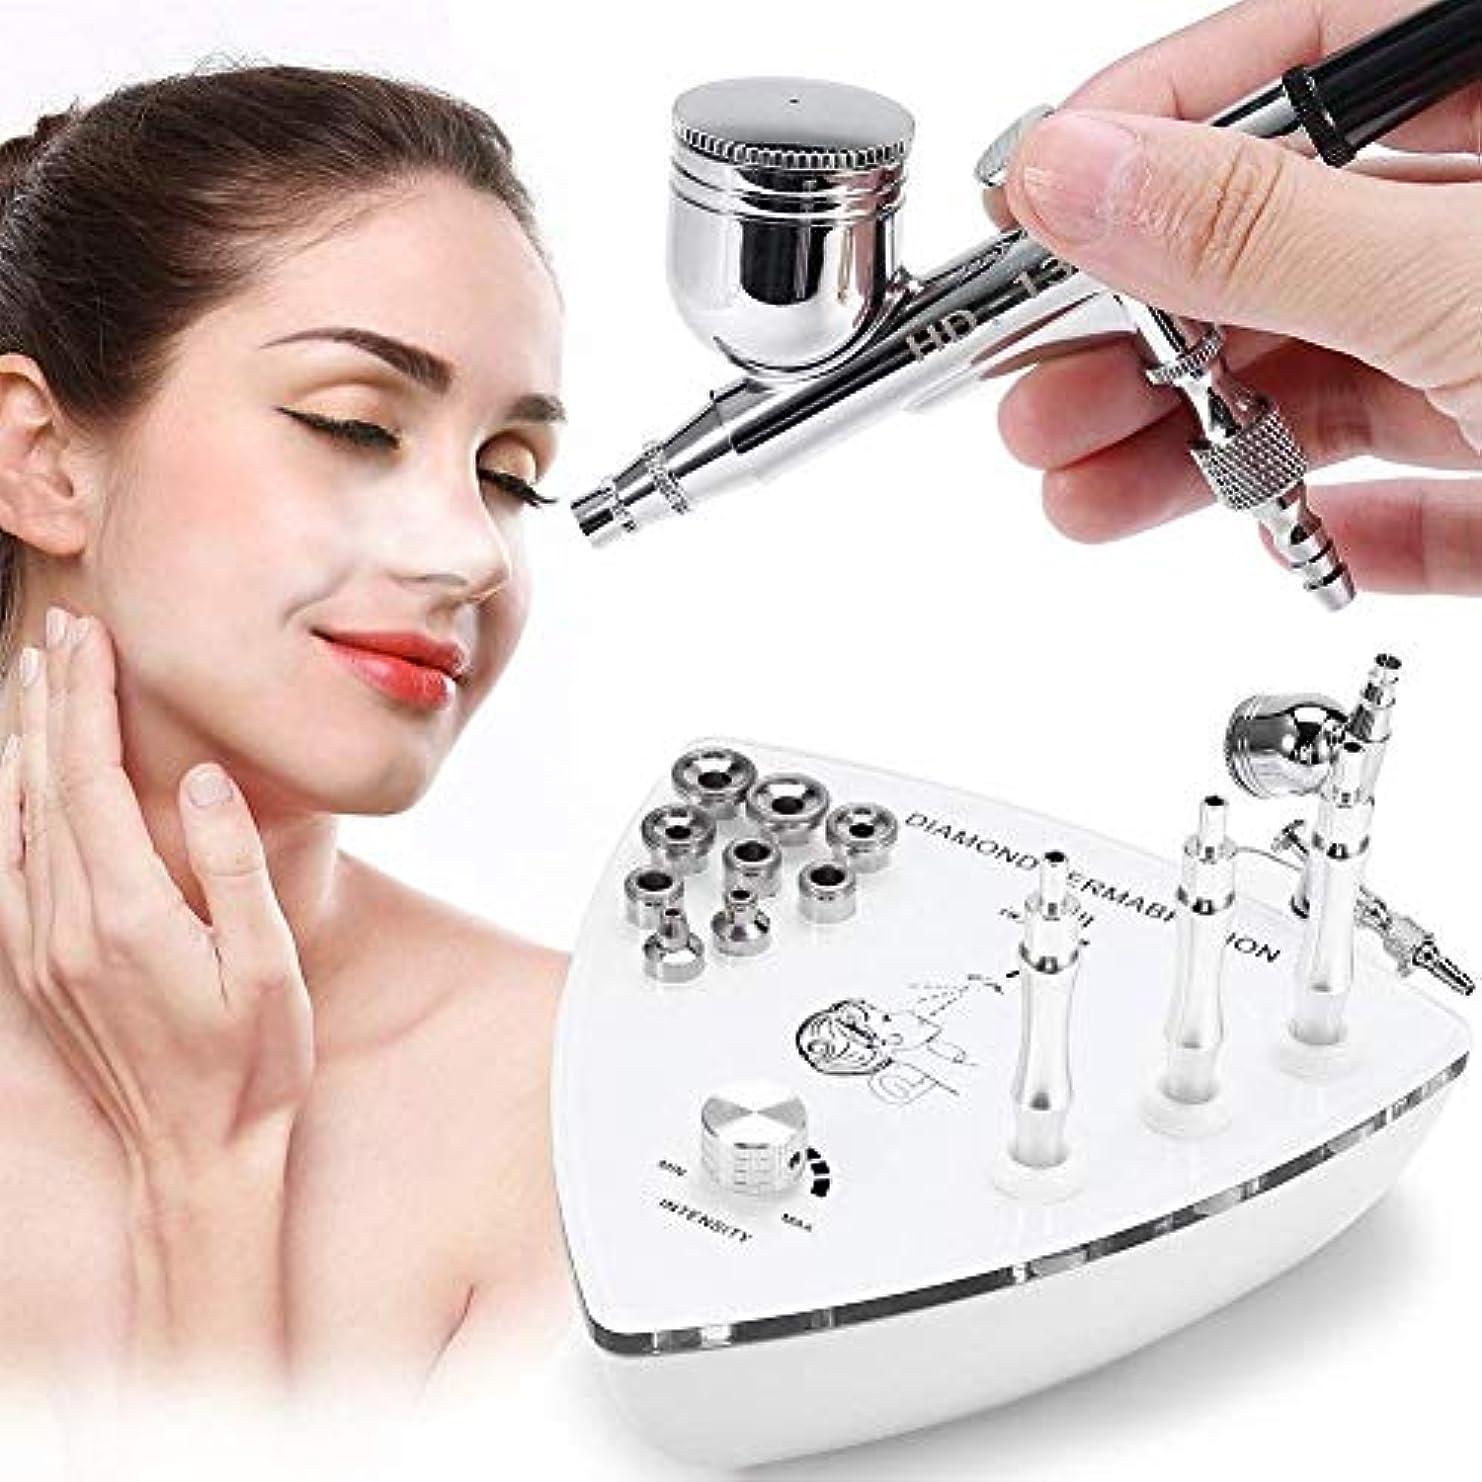 通路アーティストうれしい専門のダイヤモンドのMicrodermabrasion Dermabrasion機械、顔の心配の皮装置水スプレーのしわの取り外しの皮のきつく締まる剥離のための家の使用のための装置